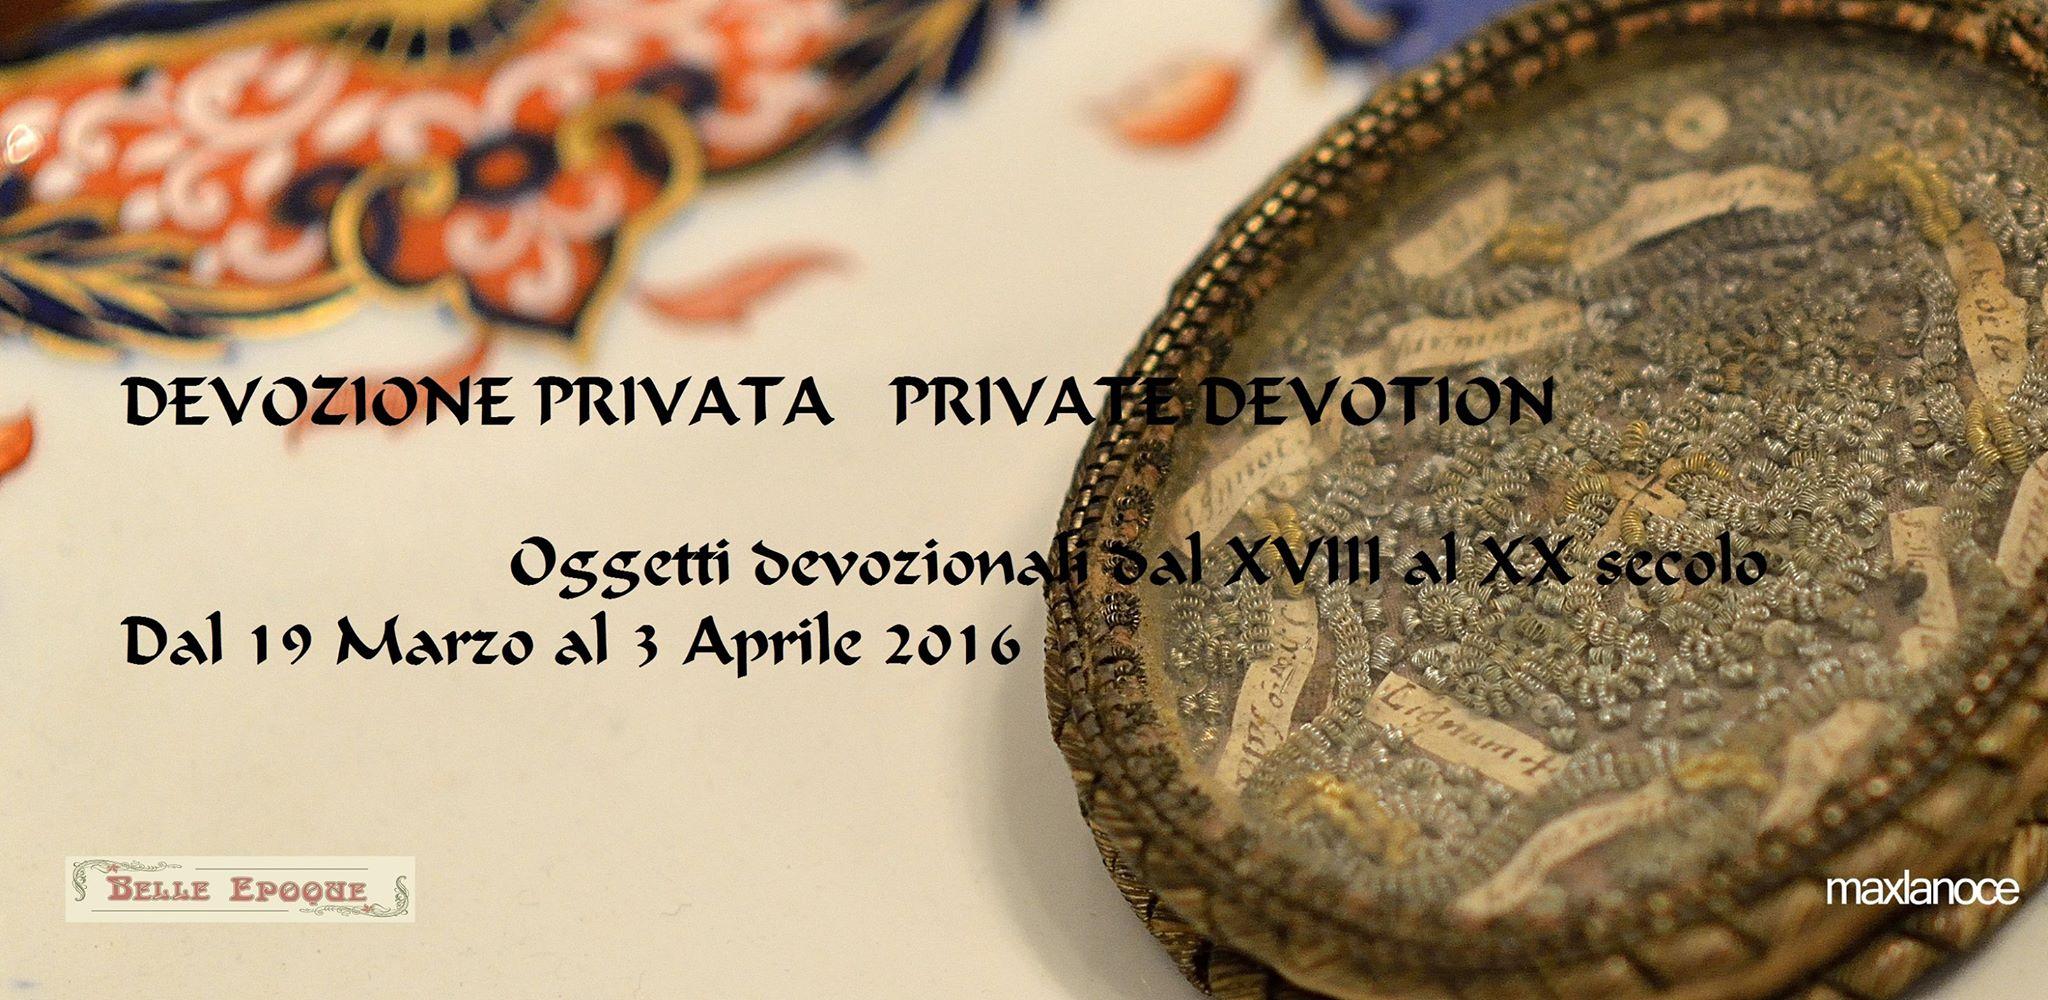 DEVOZIONE PRIVATA - PRIVATE DEVOTION Oggetti devozionali dal XVIII al XX secolo